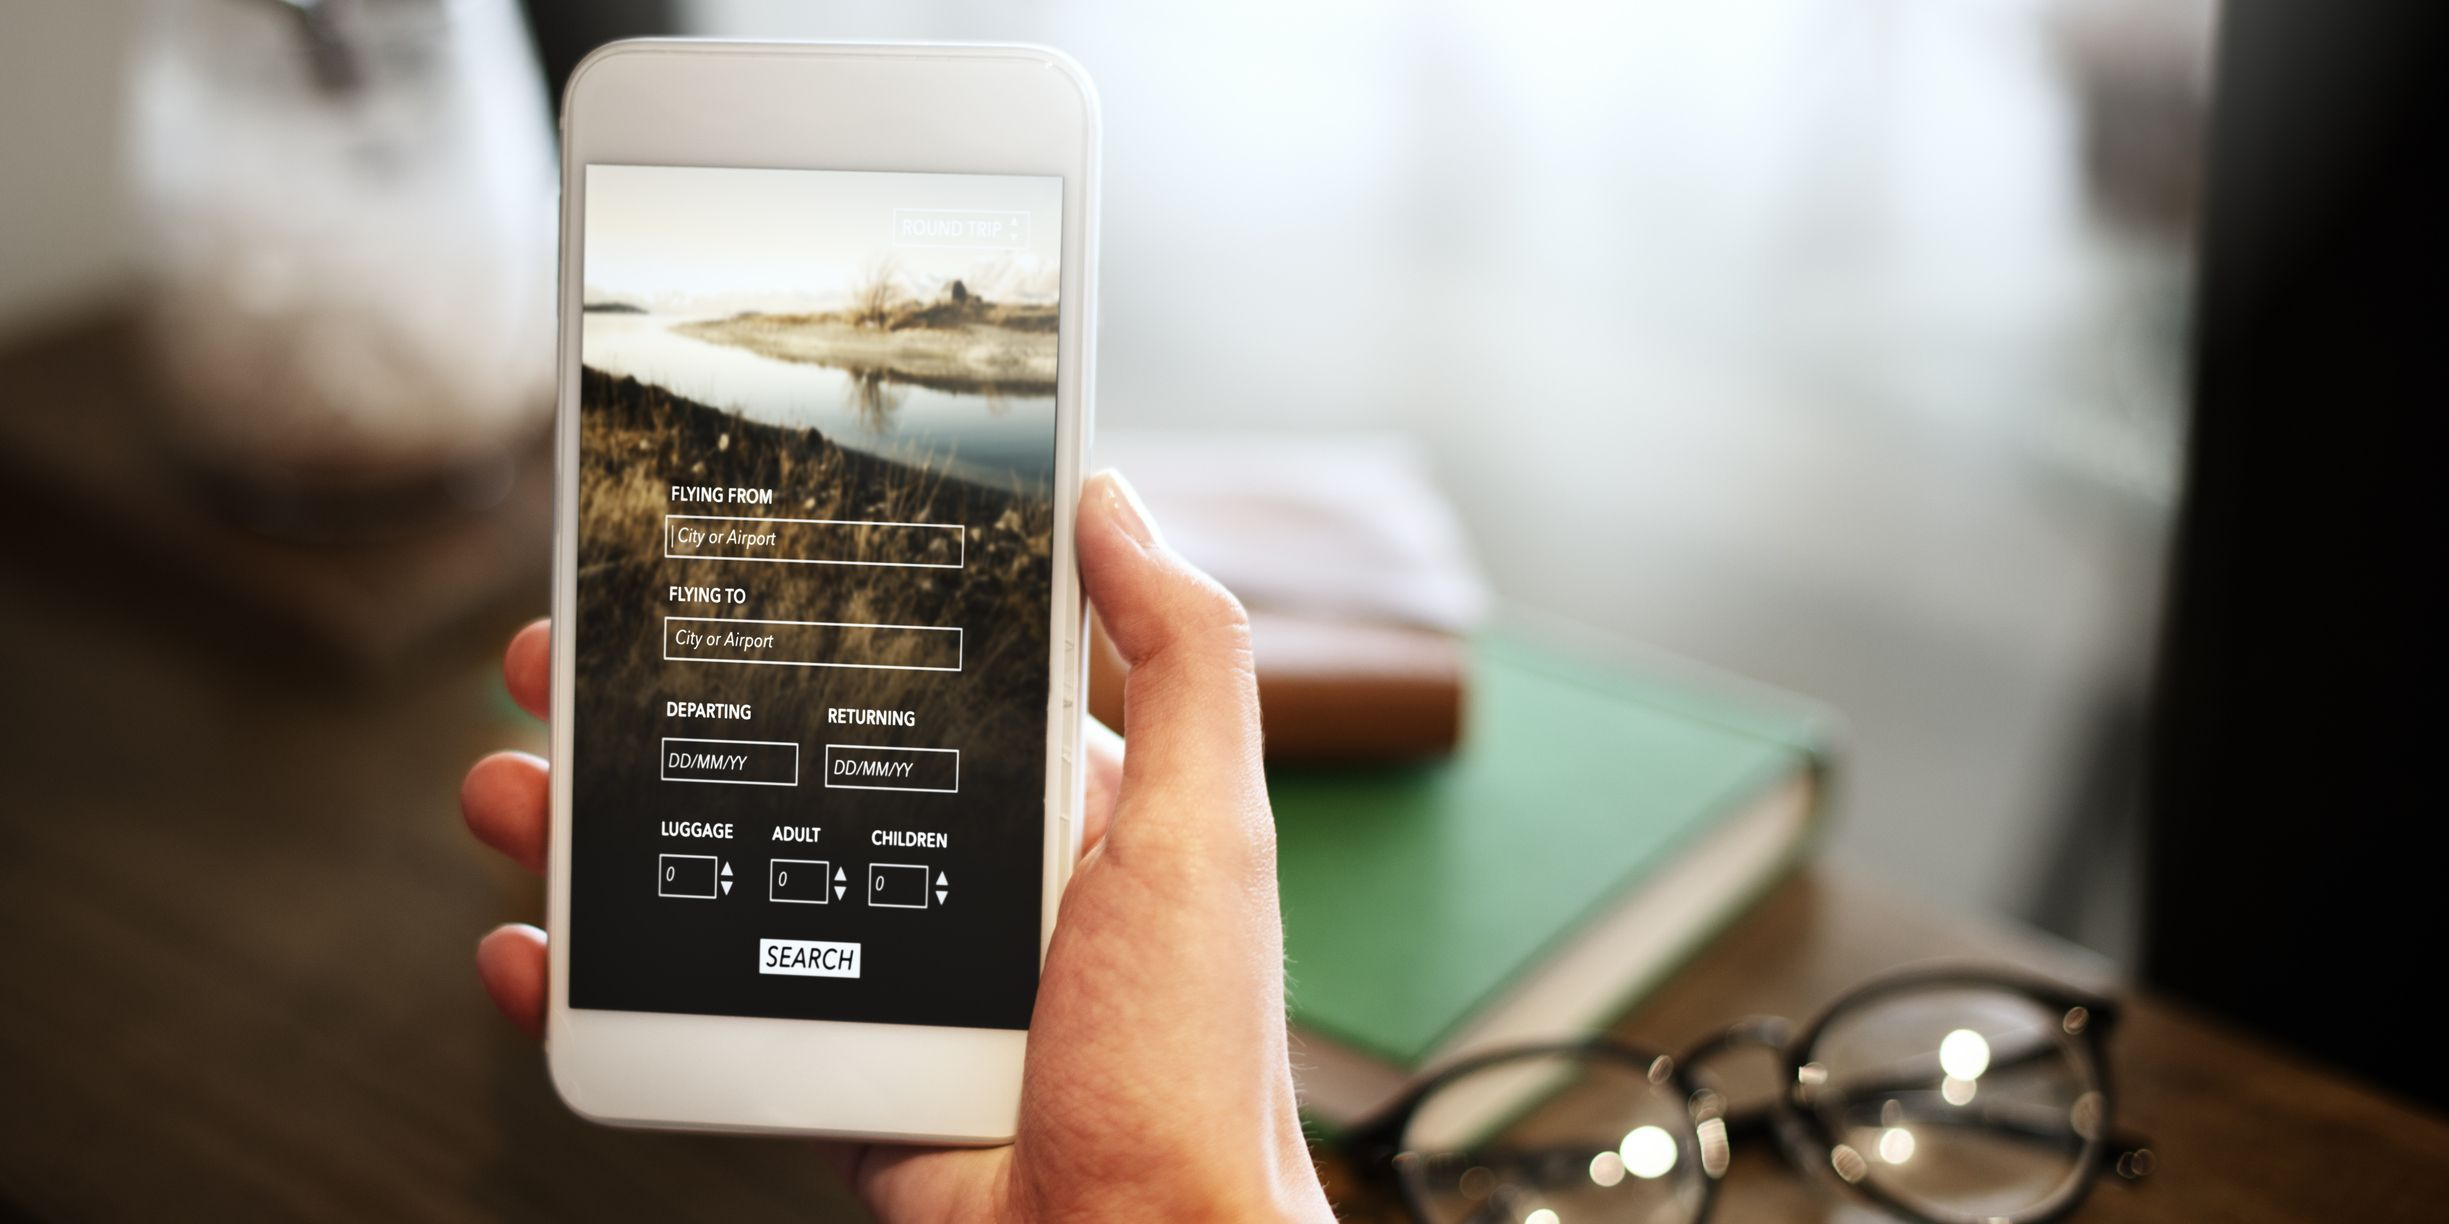 La mayoría de los comparadores de vuelos disponen también de una aplicación para móviles que hará mucho más sencilla la búsqueda estés donde estés.